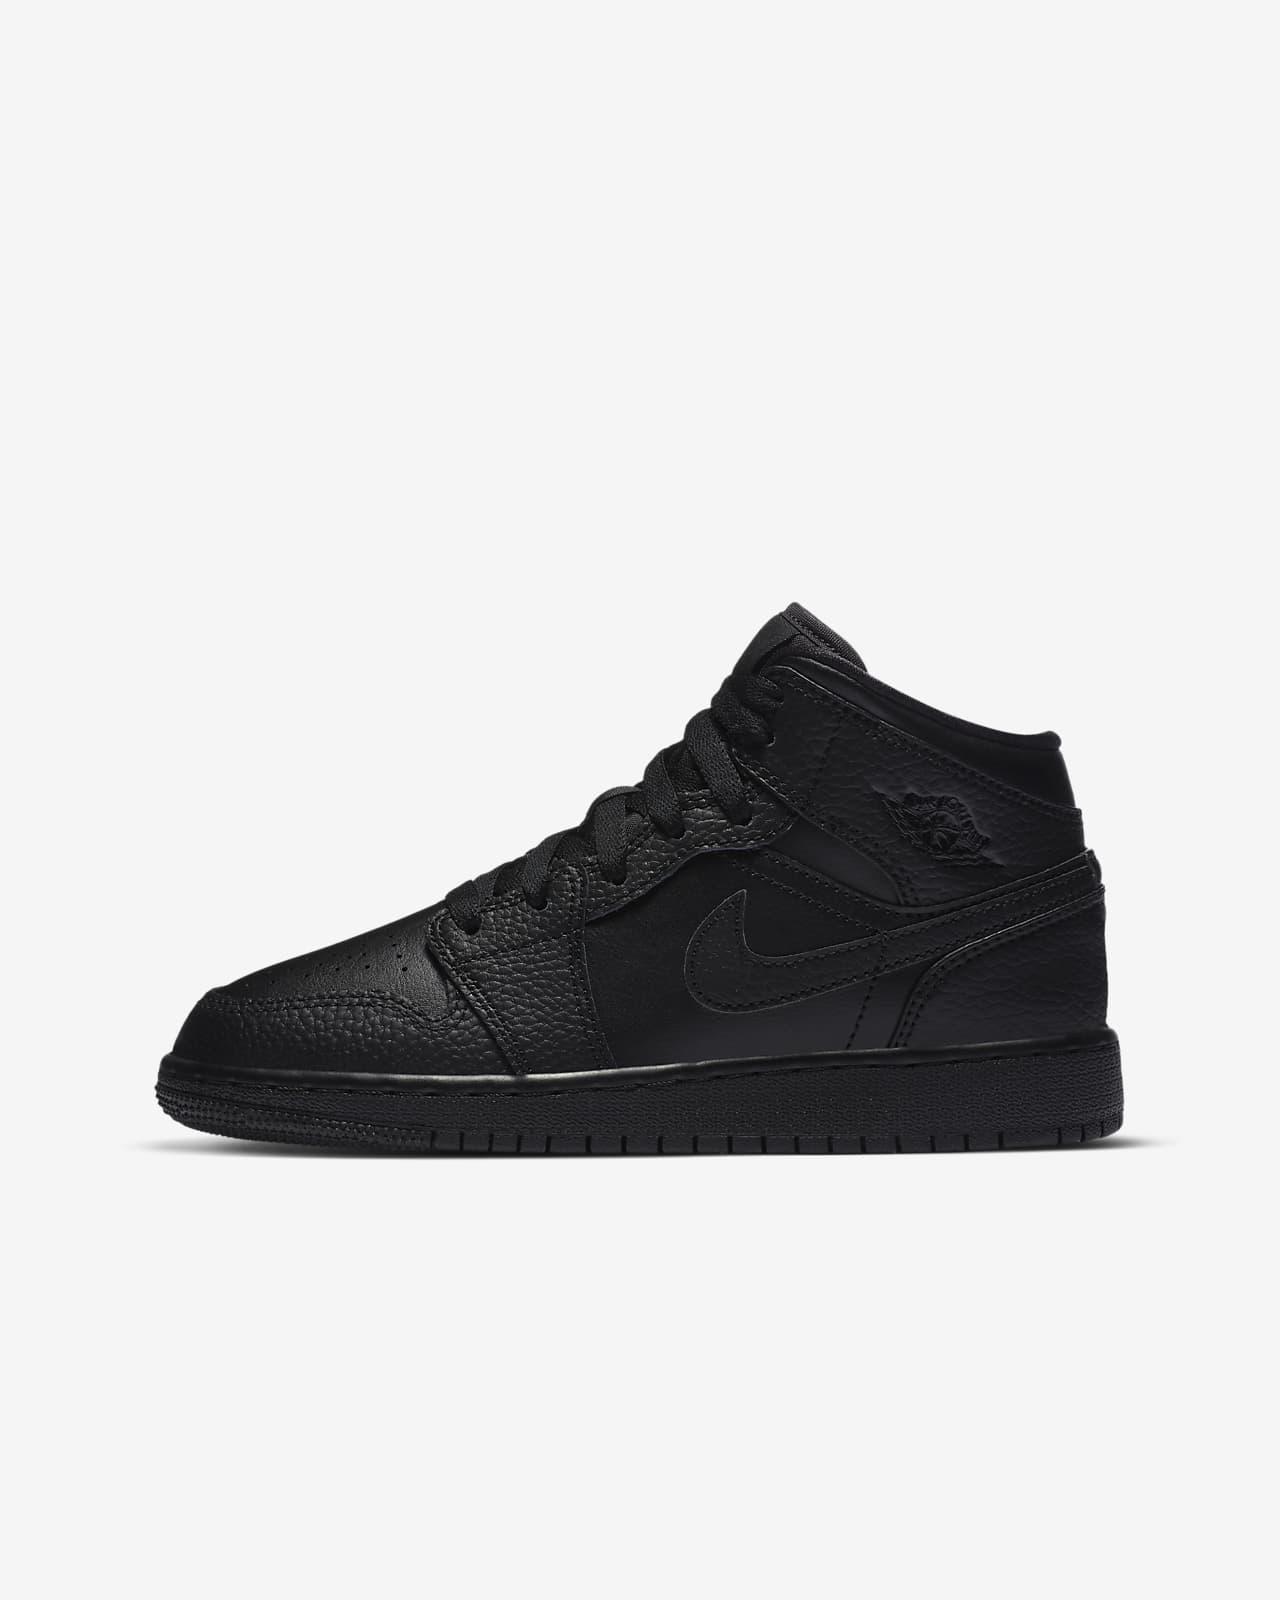 Air Jordan 1 Mid Older Kids' Shoes. Nike LU